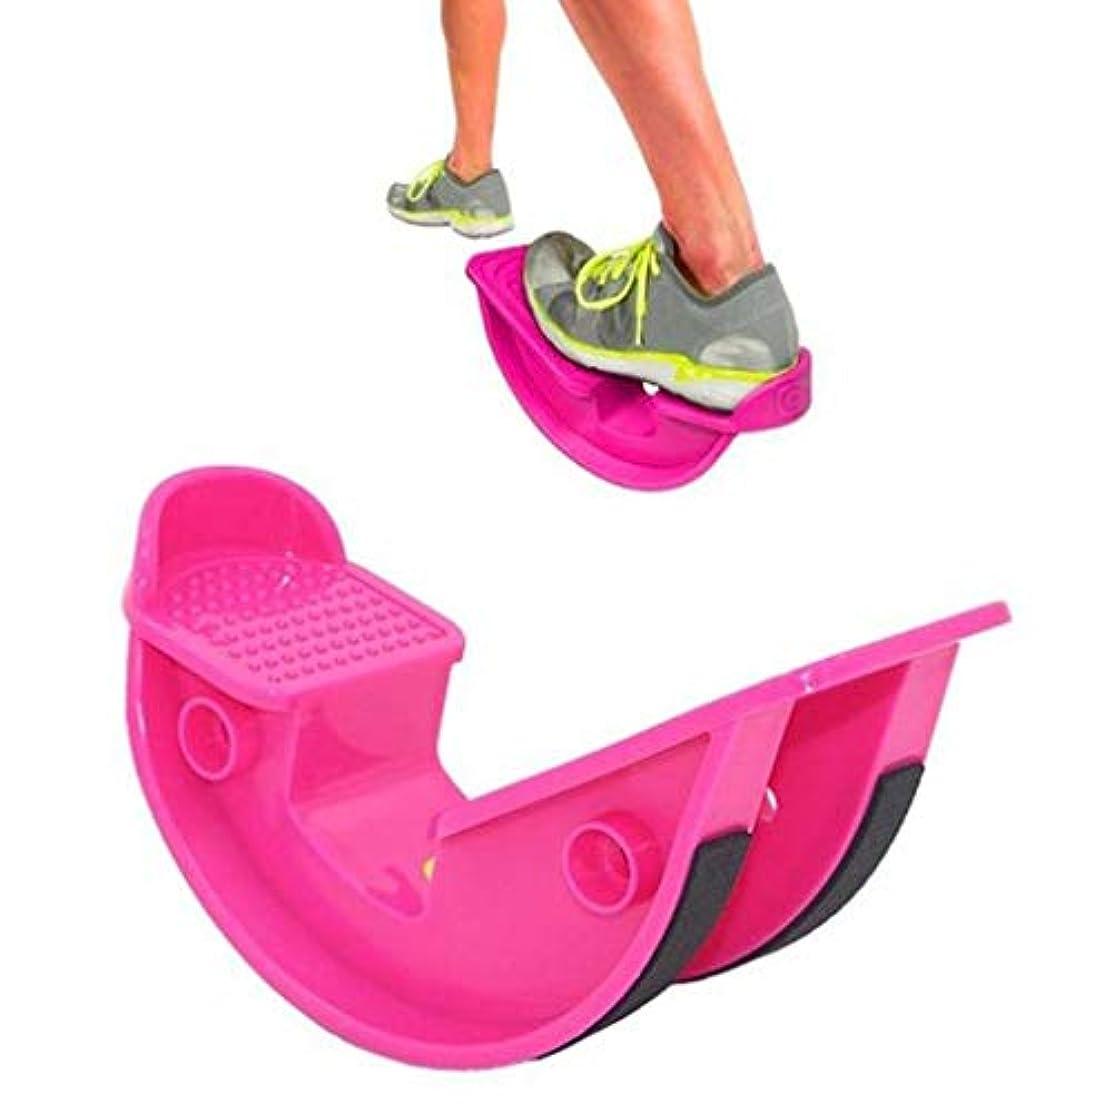 学者肘掛け椅子スライスプロ ストレッチ プラス ストレッチングボード フットロッカー 傾斜板 バランスボード アキレス エクササイズ 足つぼ 体幹 運動 (ピンク)